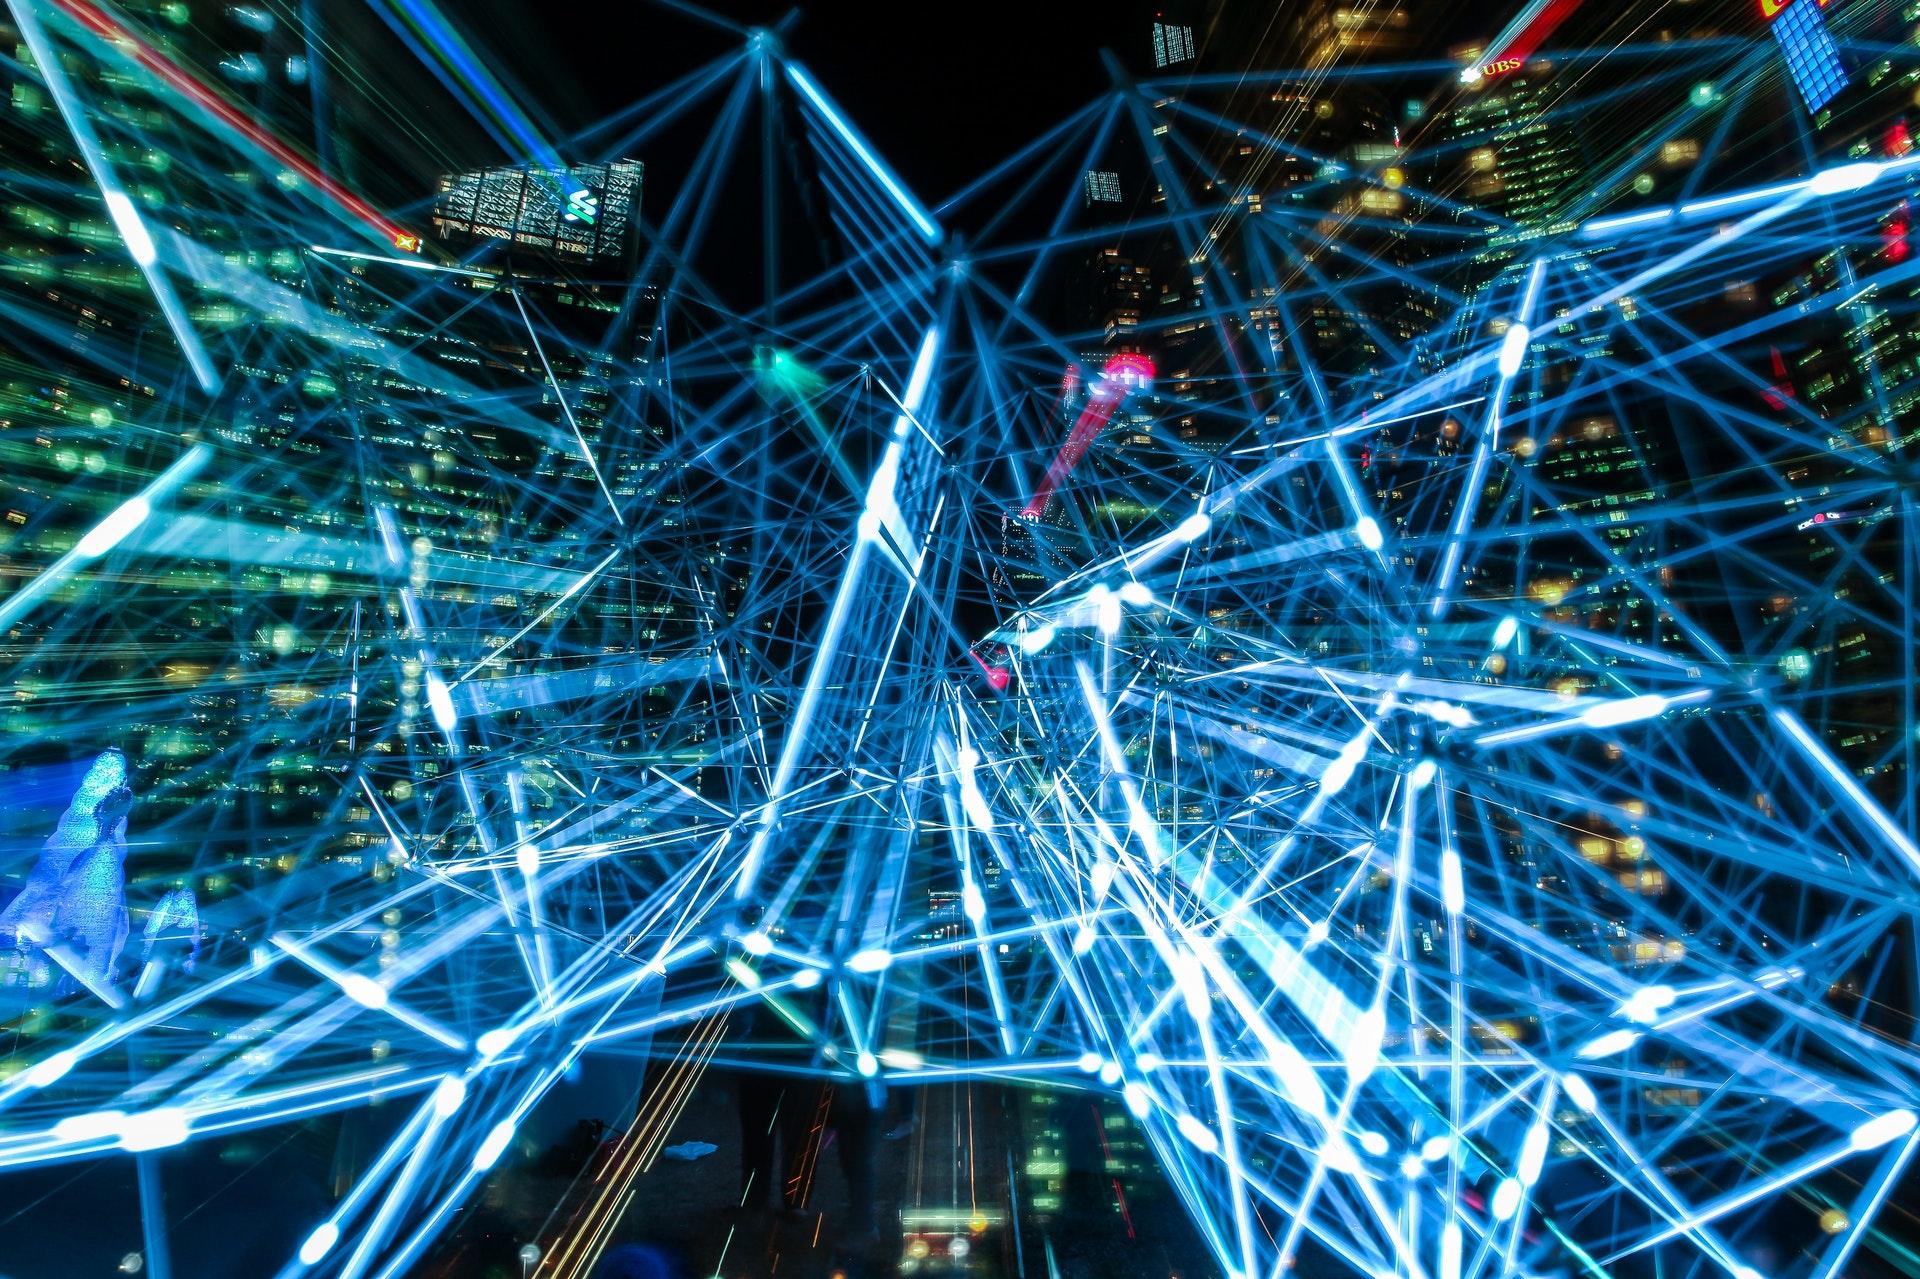 Ce reprezintă rolul de Network Engineer